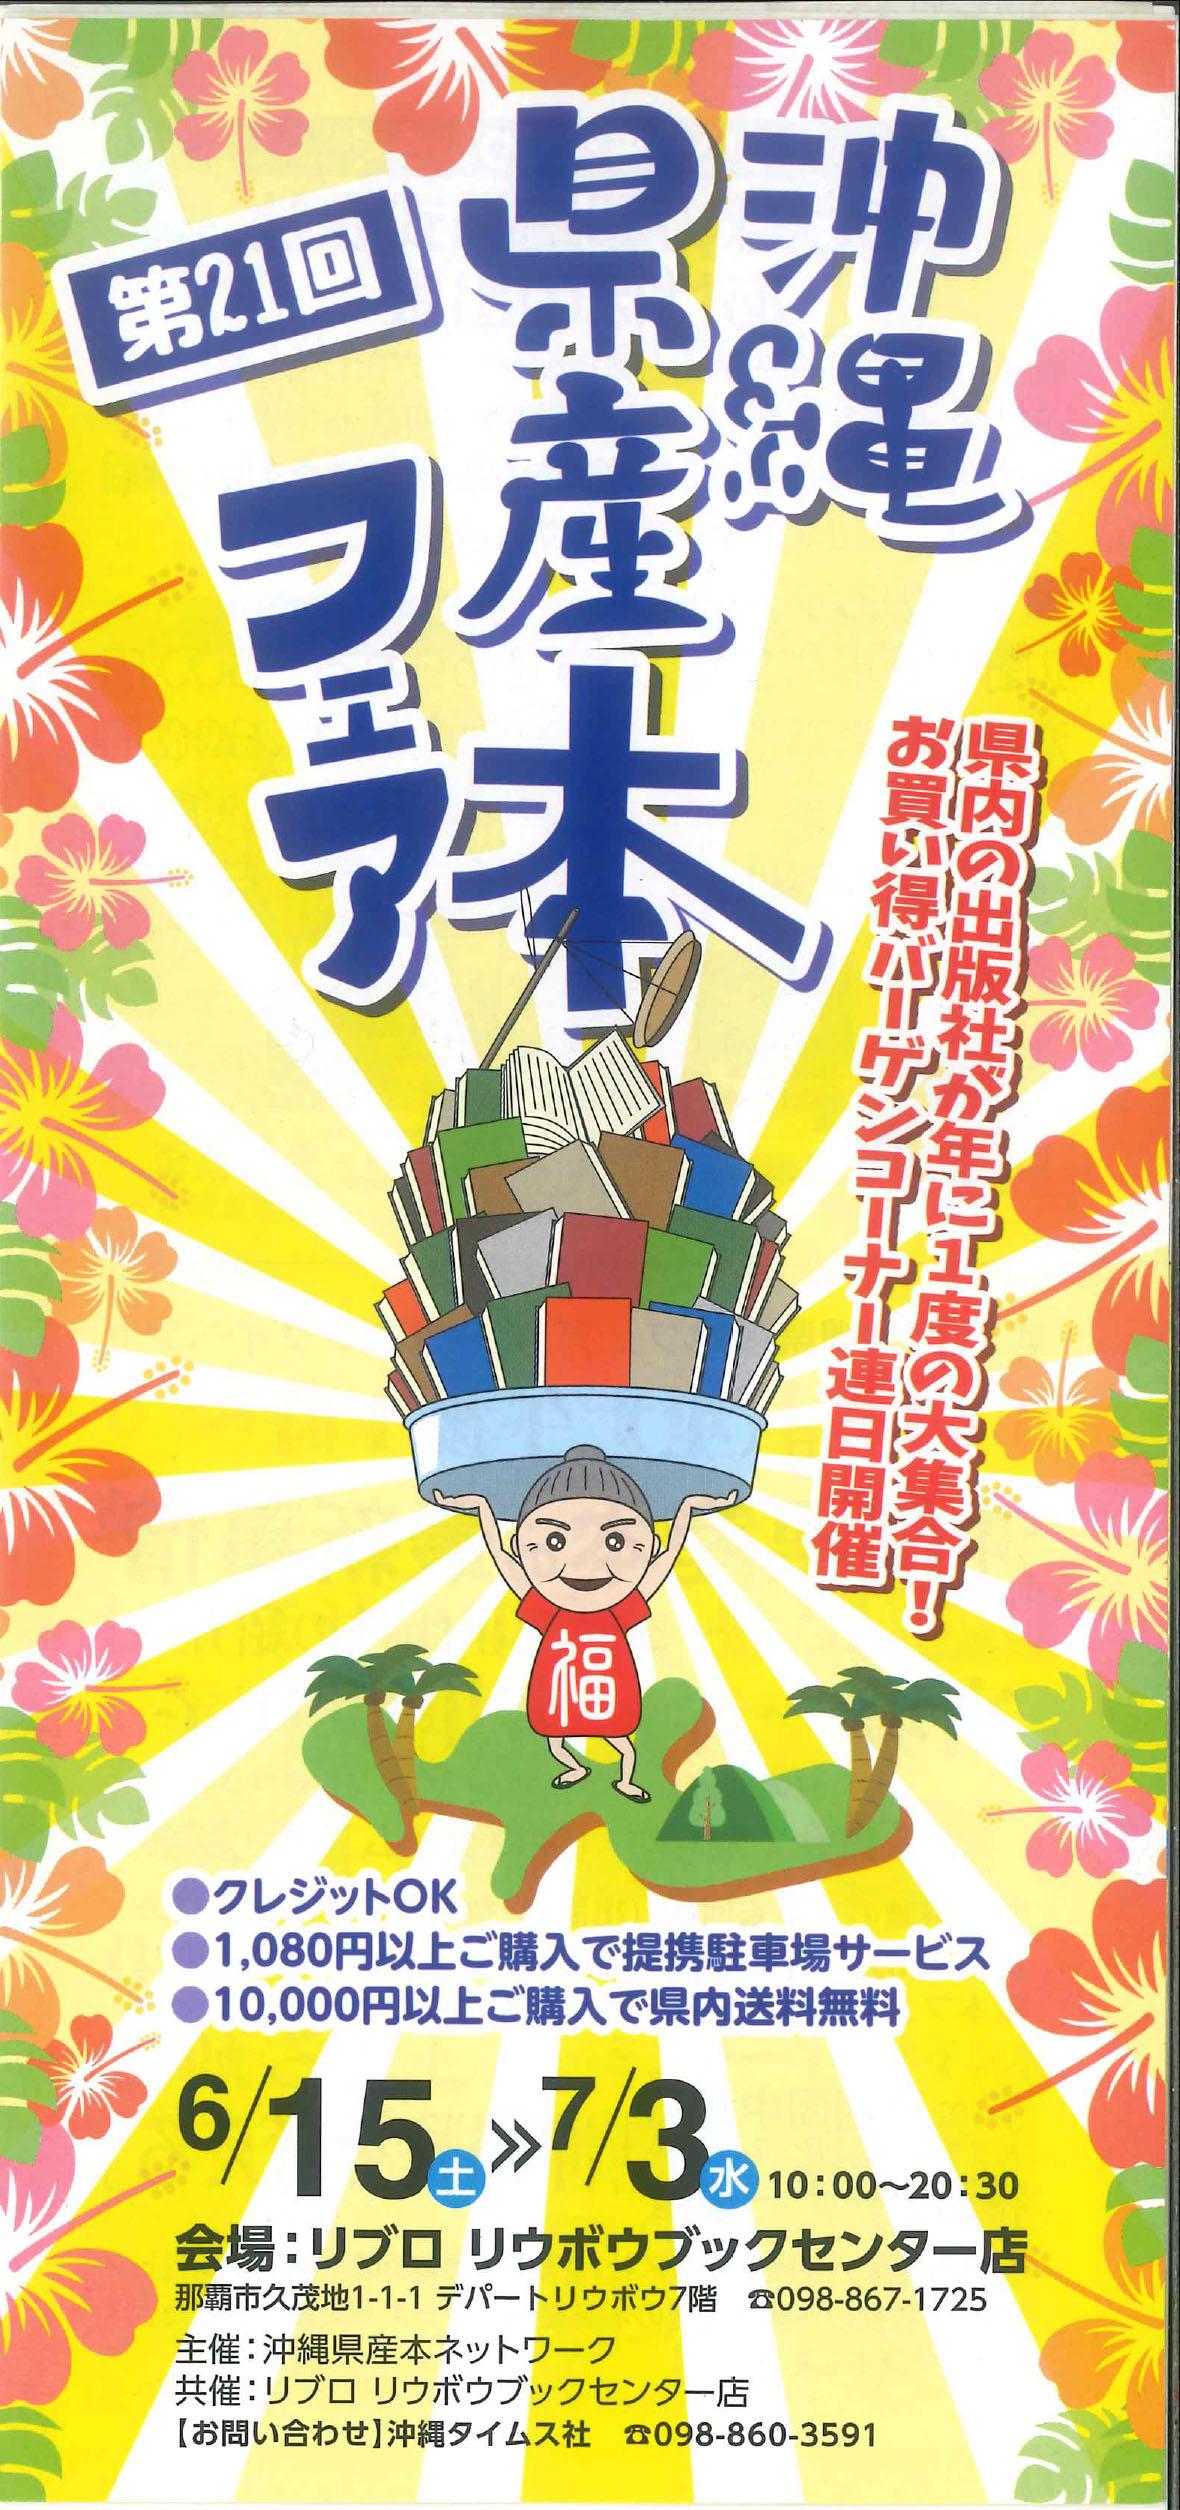 今年も6月15日(土)〜7月3日(水)に開催!「第21回沖縄県産本フェア」